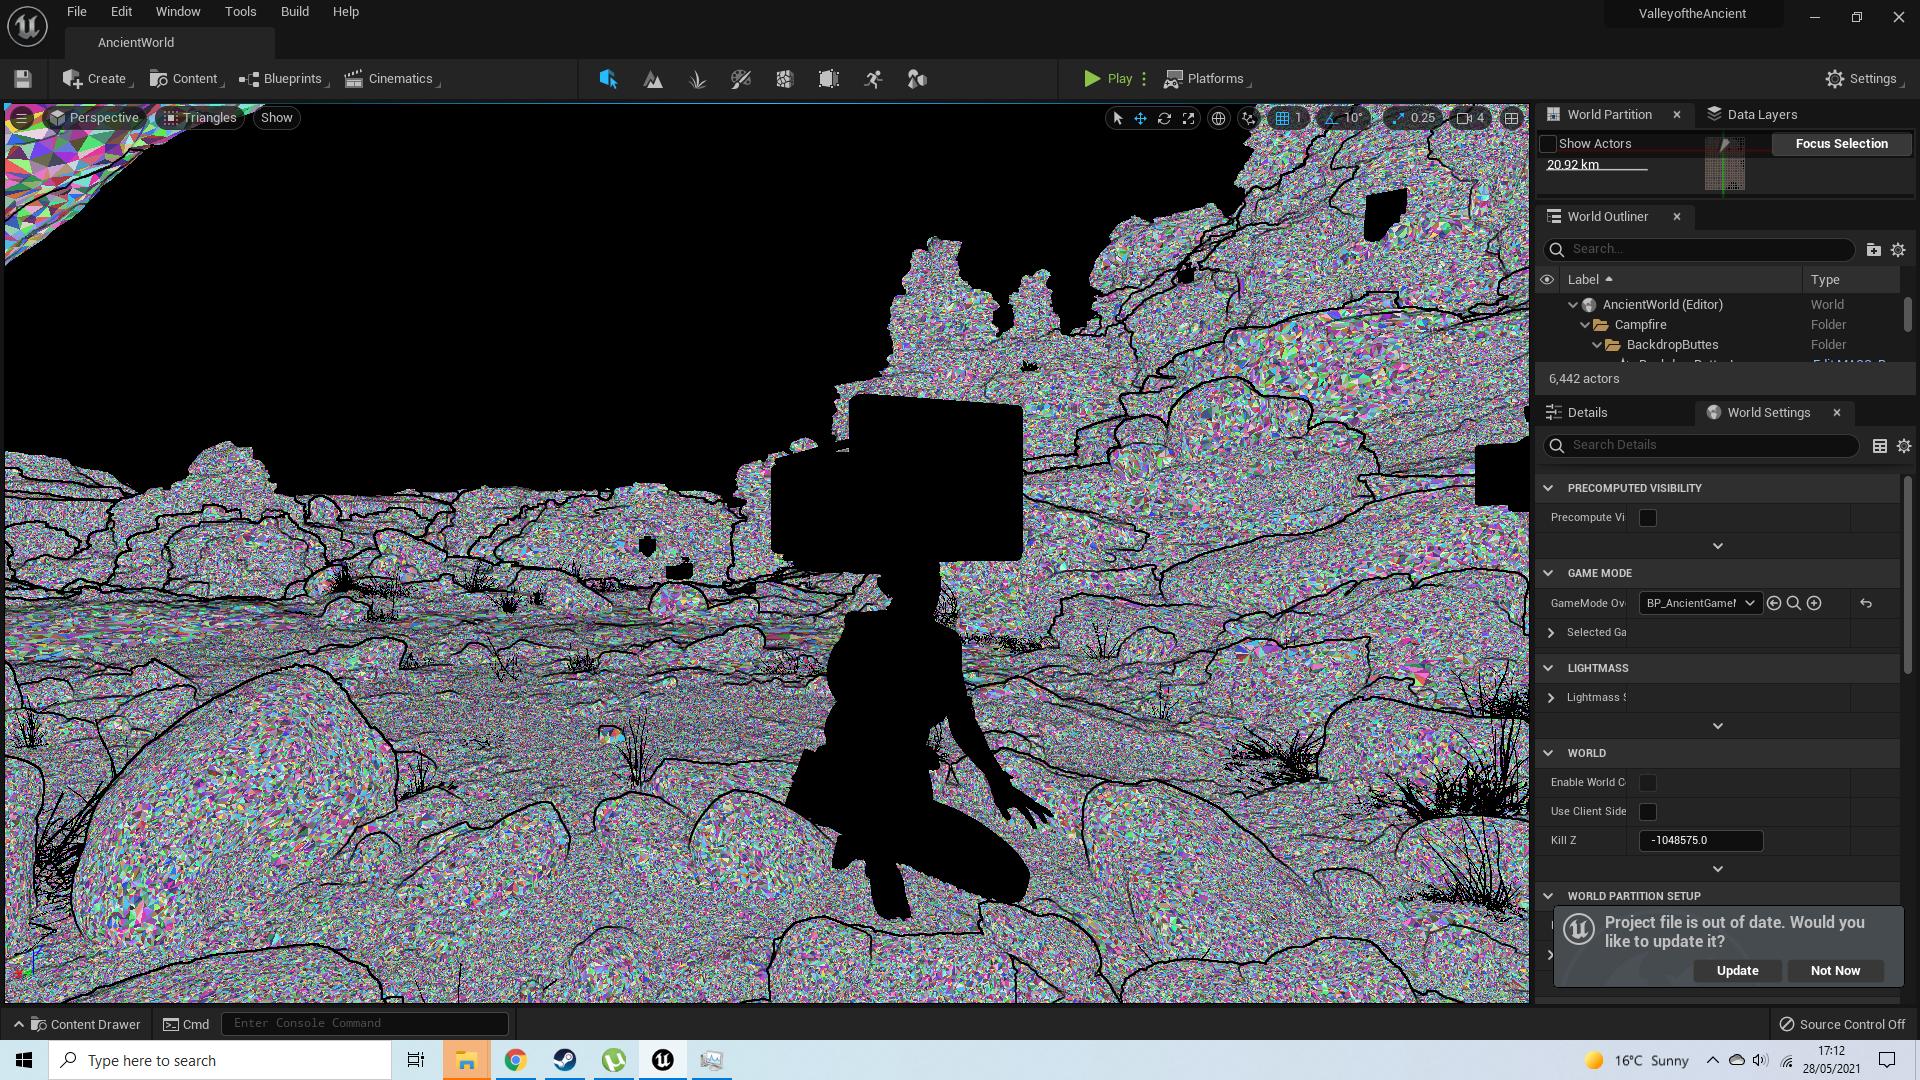 desktopscreenshot2021nkjw7.png